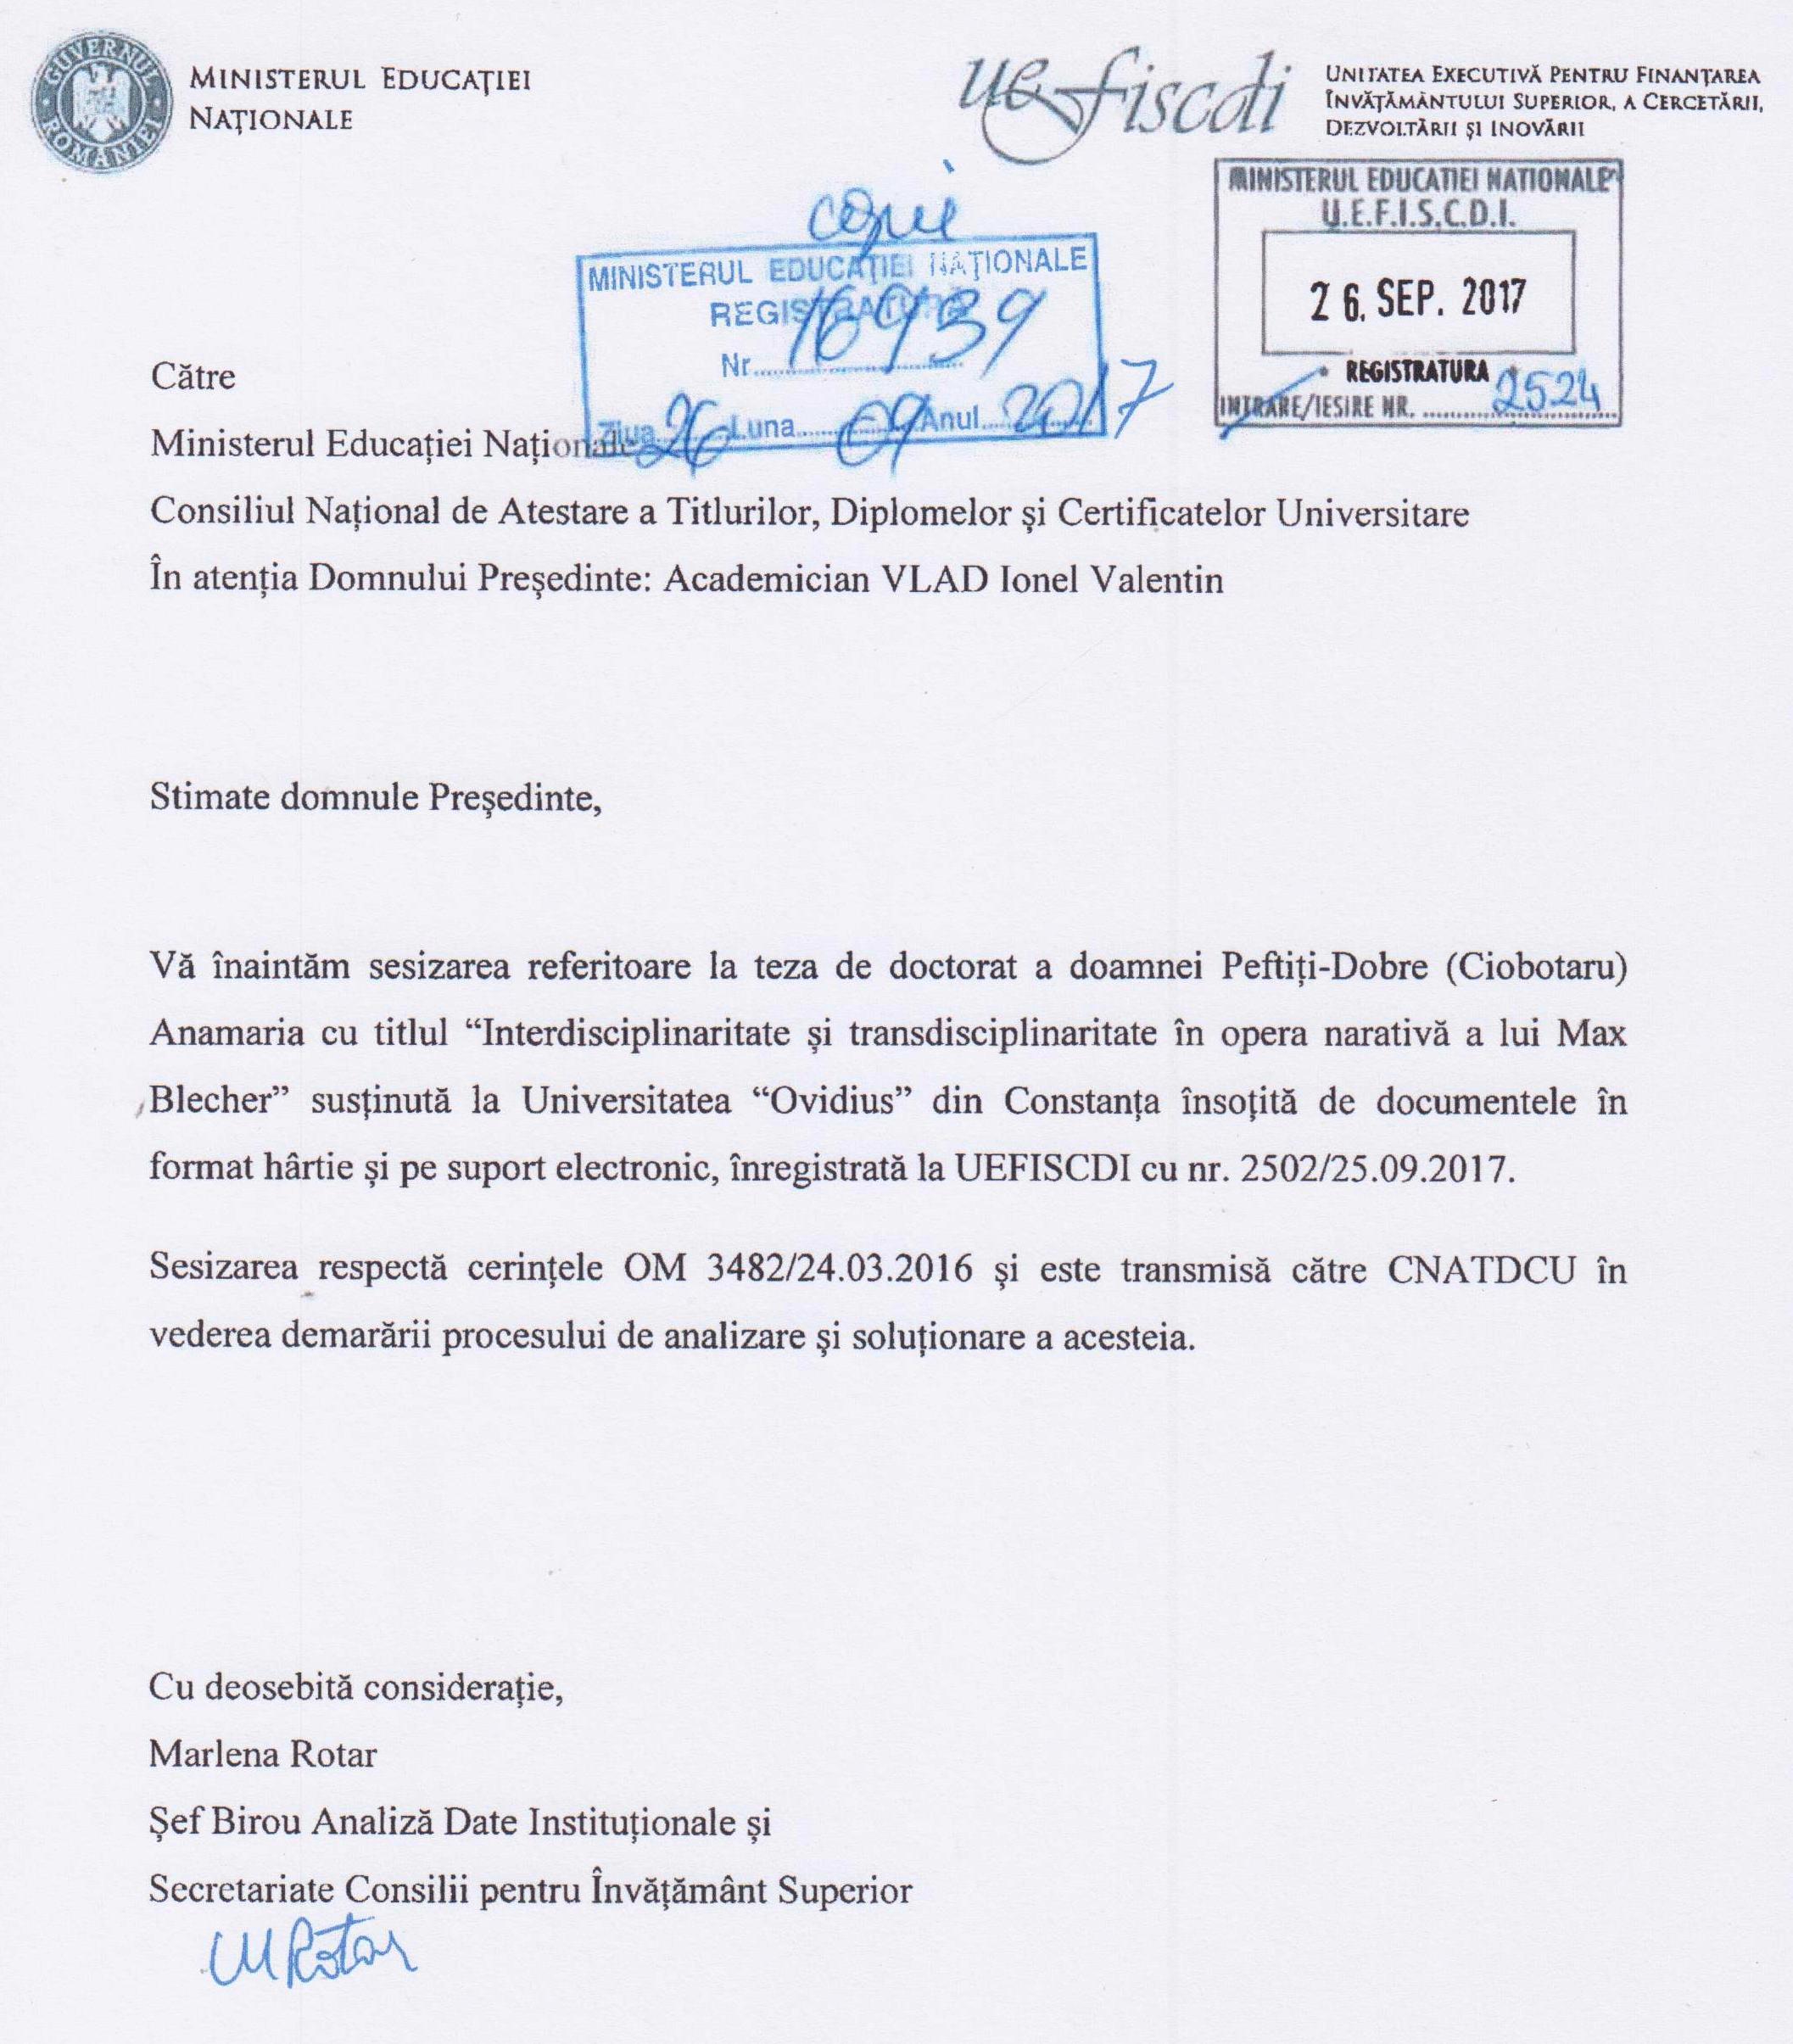 La data de 27 septembrie 2017, urmare sesizării publicației REZISTENTA.ro, U.E.F.S.C.D.I. a sesizat C.N.A.T.D.C.U. în vederea demarării procedurii de analizare și soluționare a lucrării de doctorat a numitei Anamaria Ciobotaru.